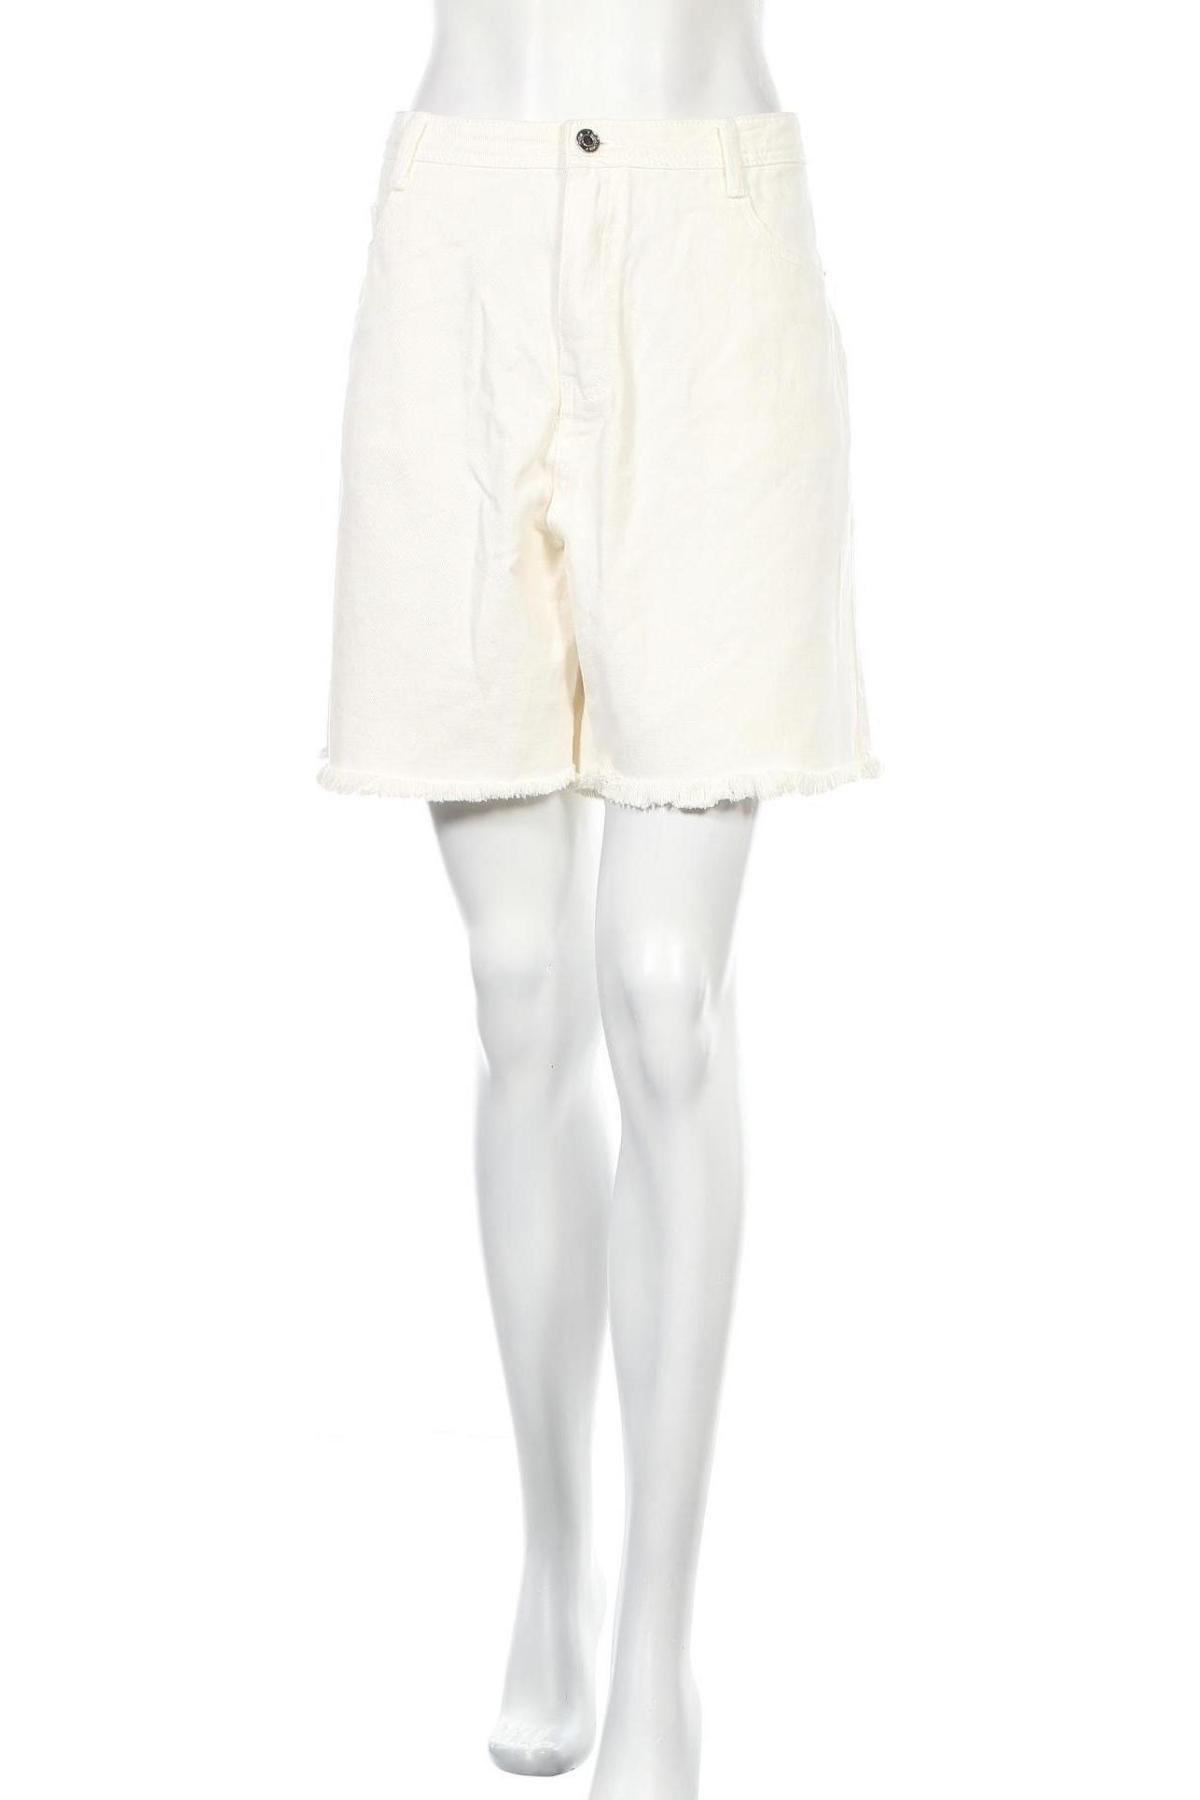 Γυναικείο κοντό παντελόνι Missguided, Μέγεθος XL, Χρώμα Λευκό, Βαμβάκι, Τιμή 15,88€